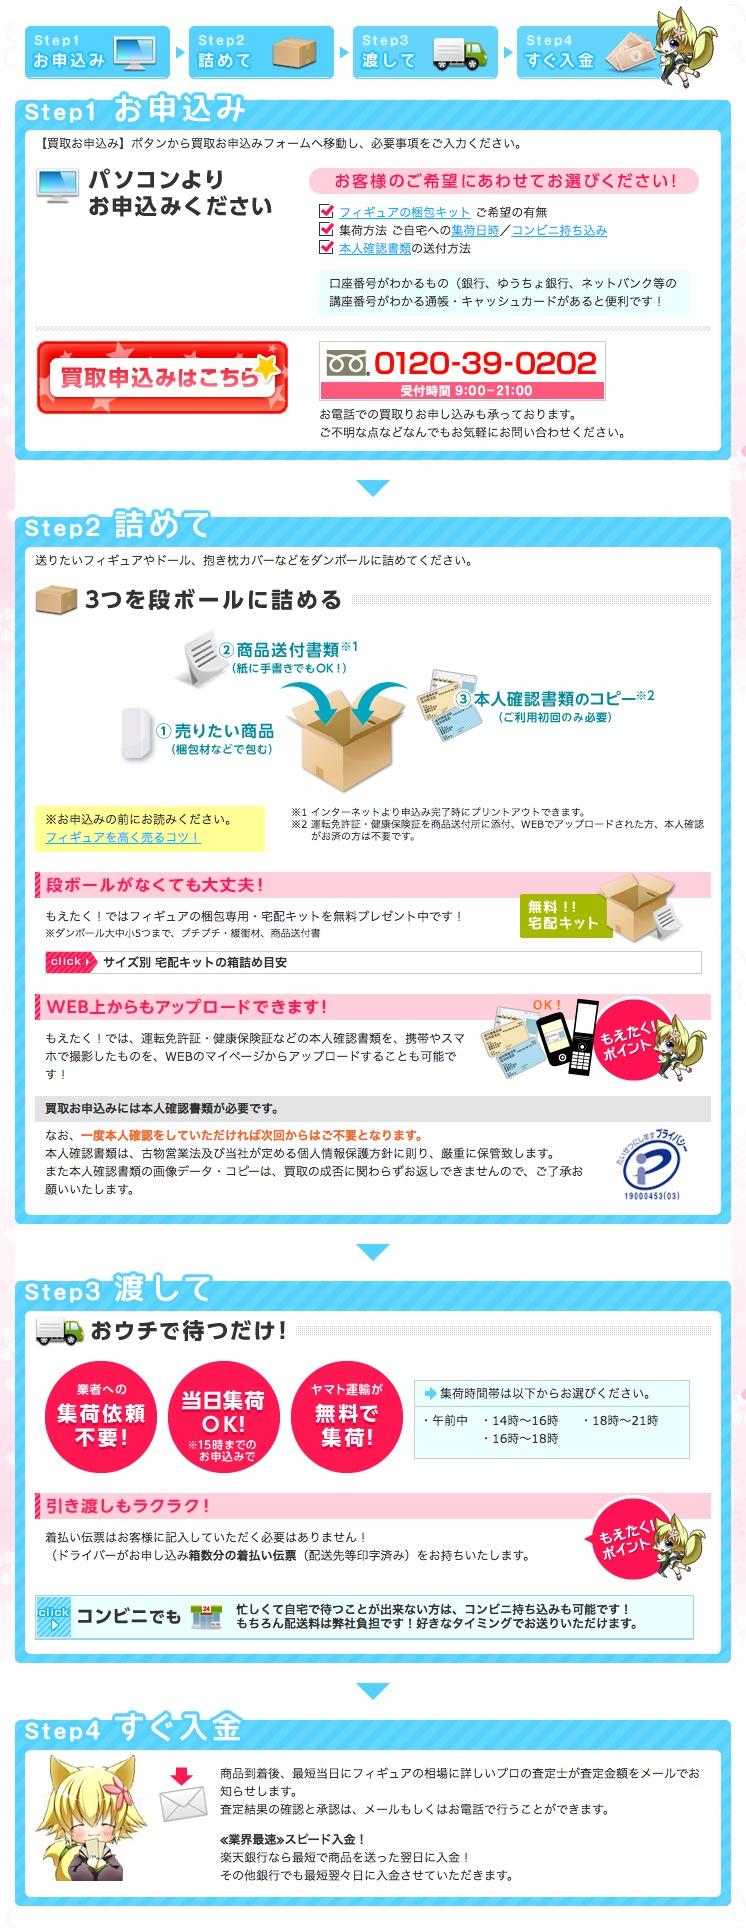 FireShot Capture 124 - もえたく! フィギュア買取の流れ I フィギュア売る_ - http___www.netoff.co.jp_moetaku_sell_index.html